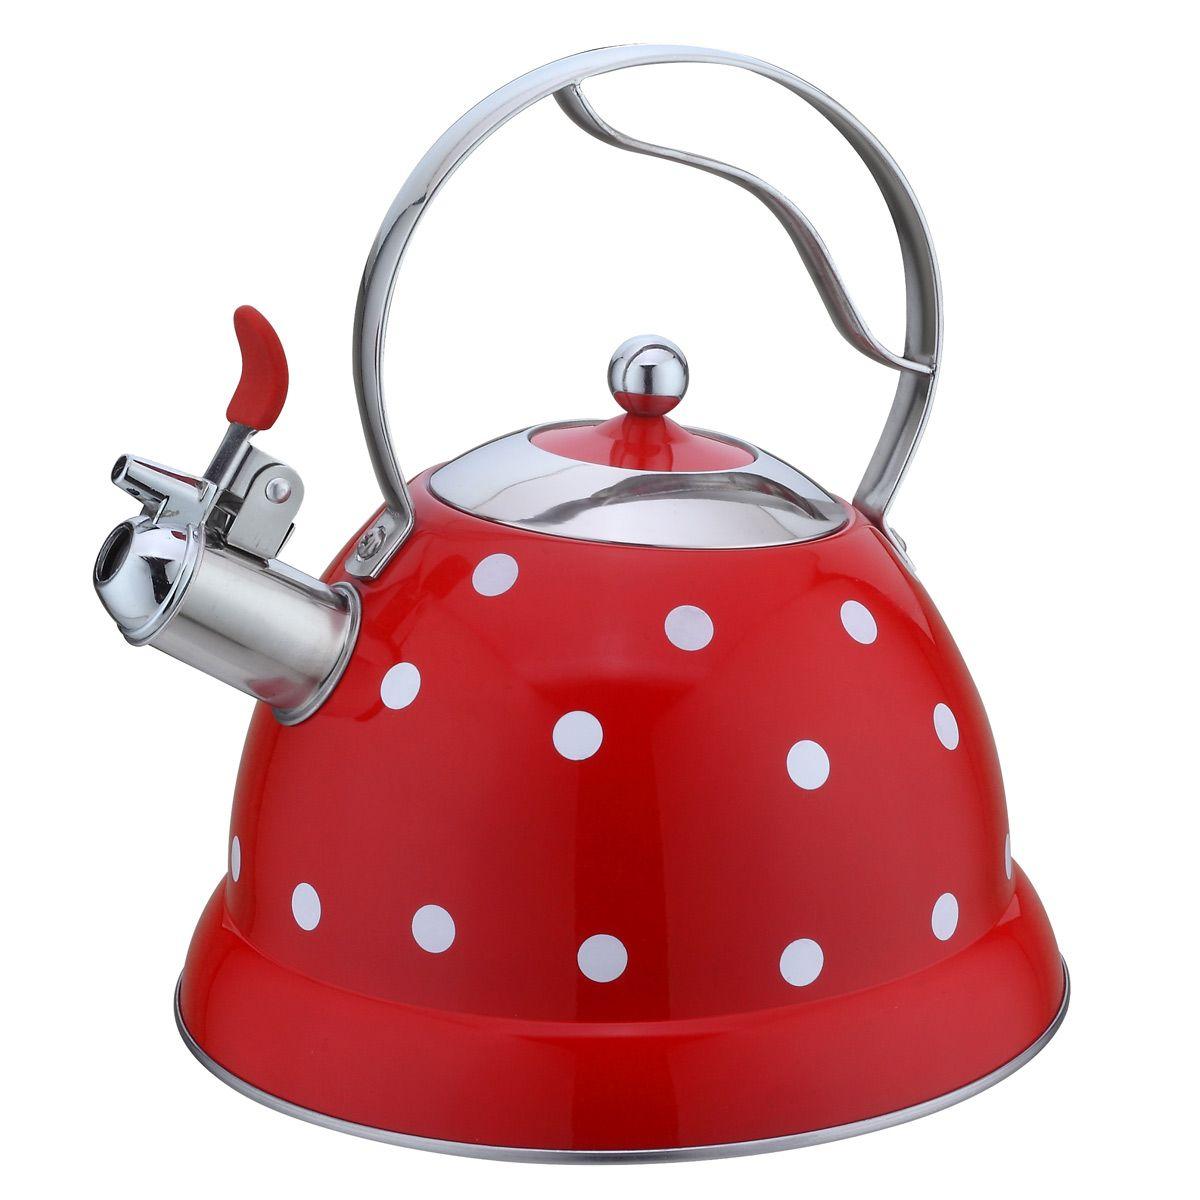 Ziemlich Kuchenküchendekor Ideen - Küche Set Ideen - deriherusweets.info